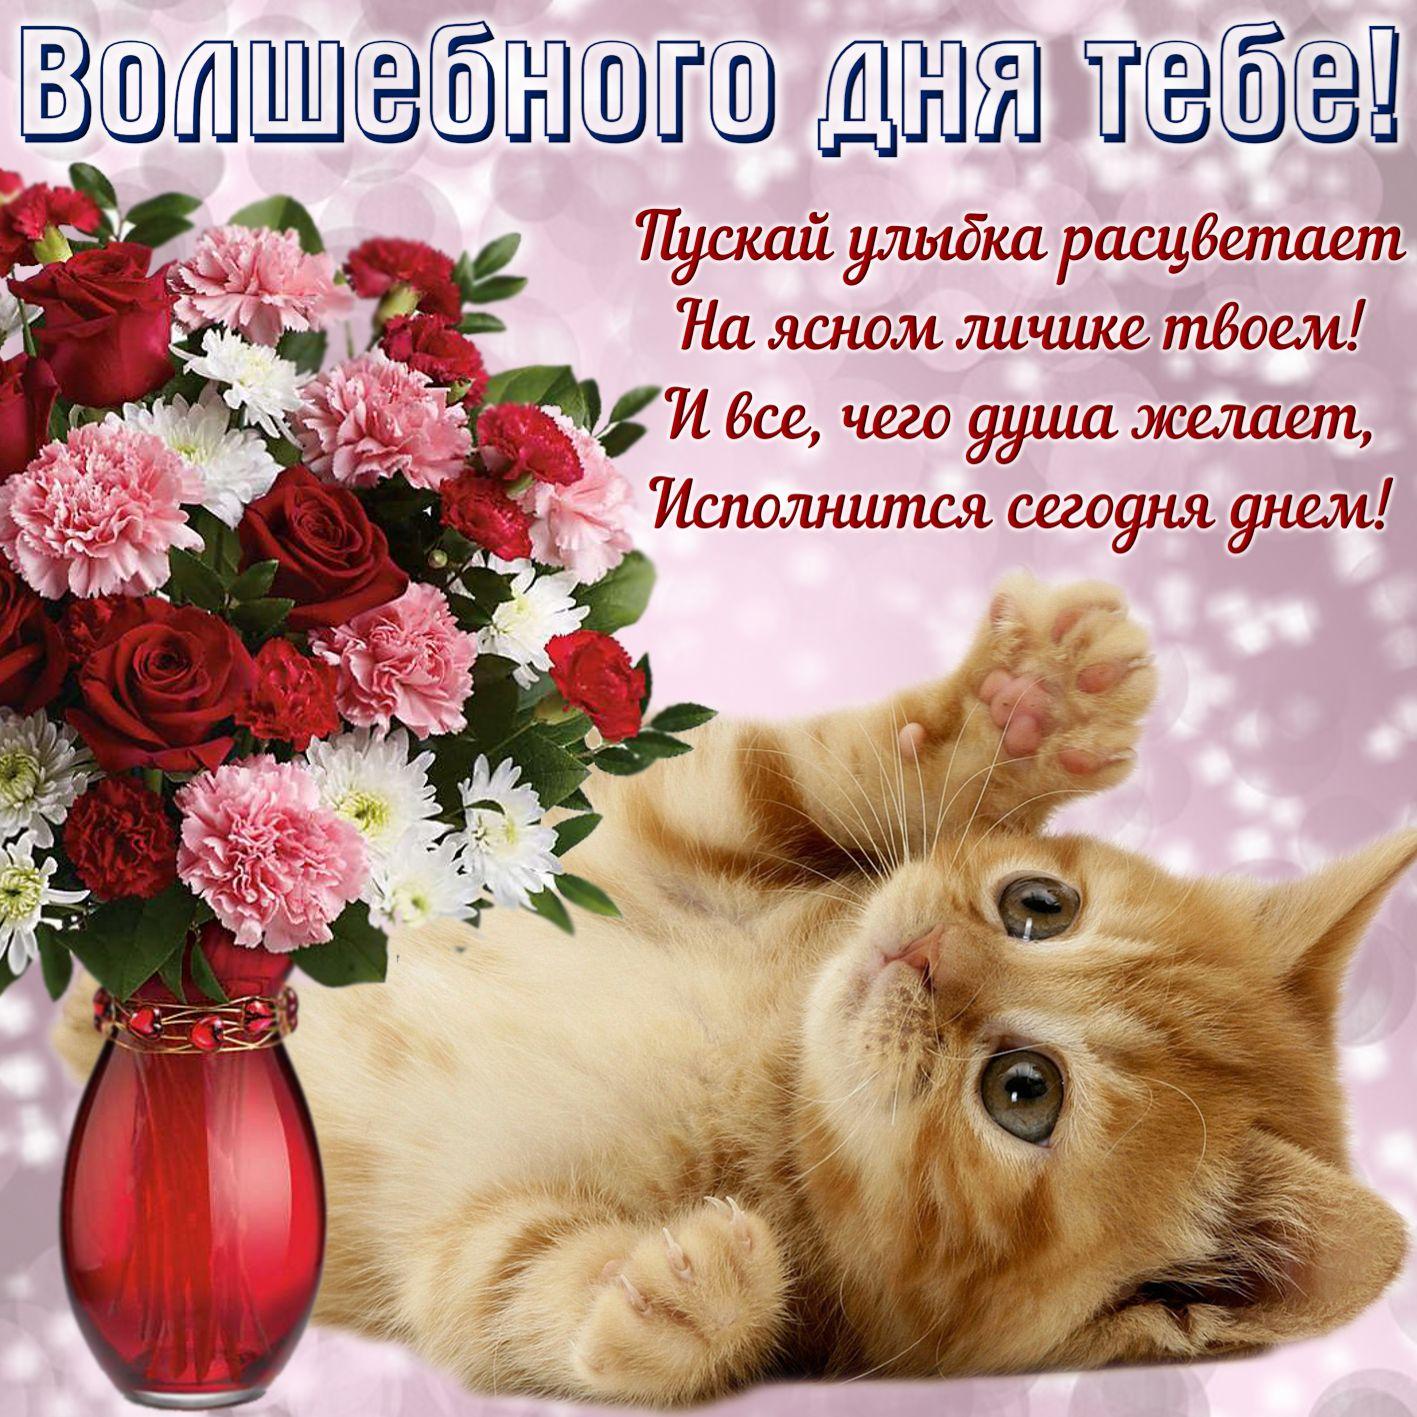 Открытки добрый день хорошего дня и прекрасного настроения